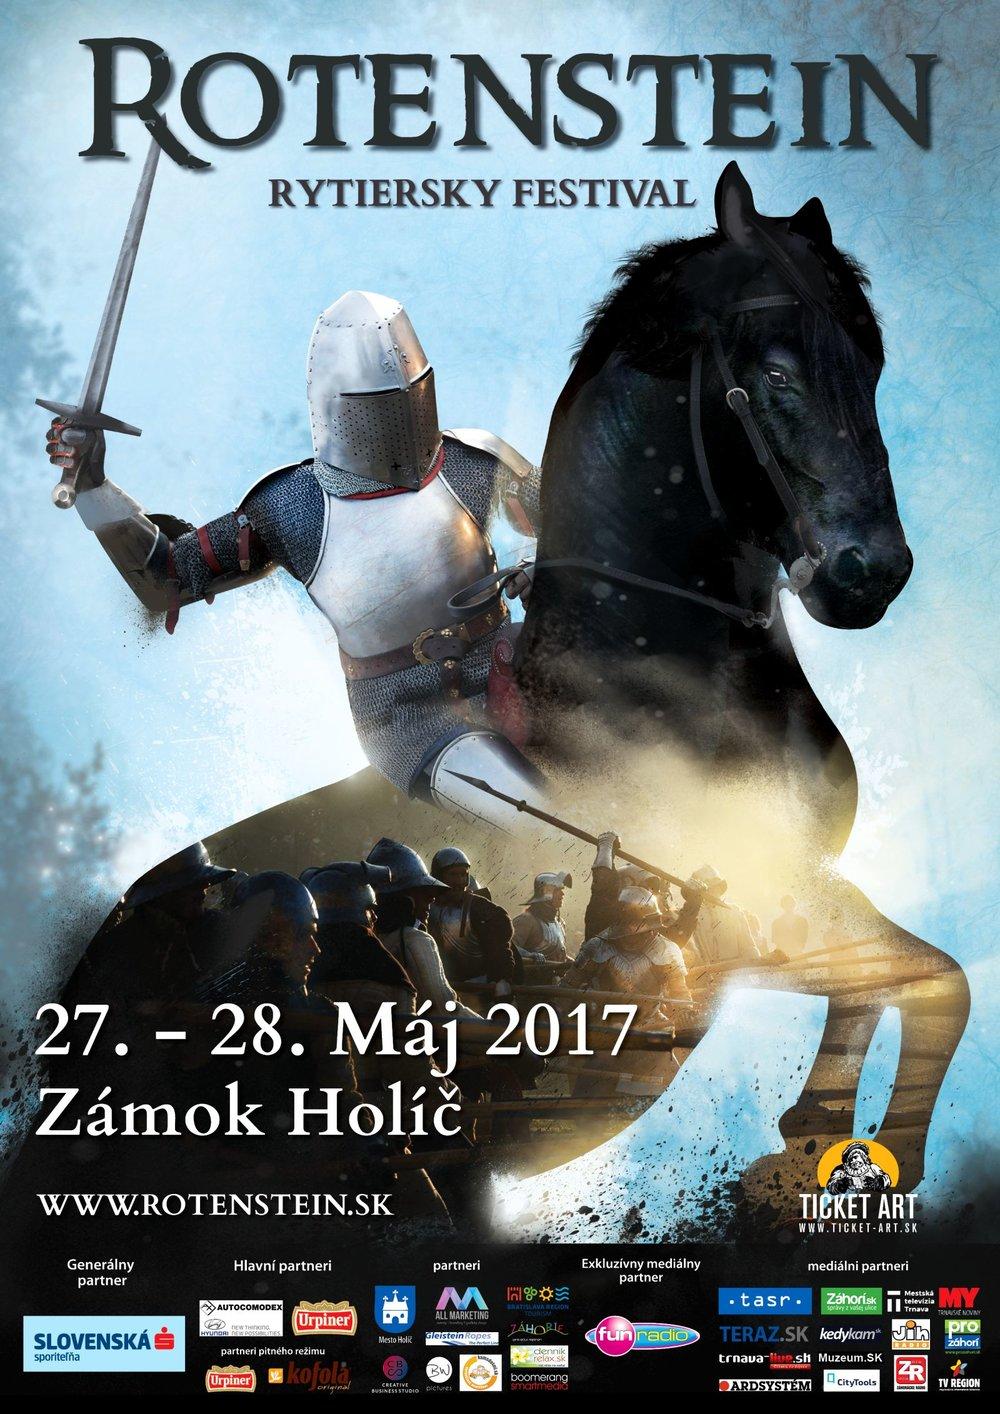 Plagát Rotenstein 2017 - Plagát na rytiersky festival Rotenstein si môžete stiahnuť tu.